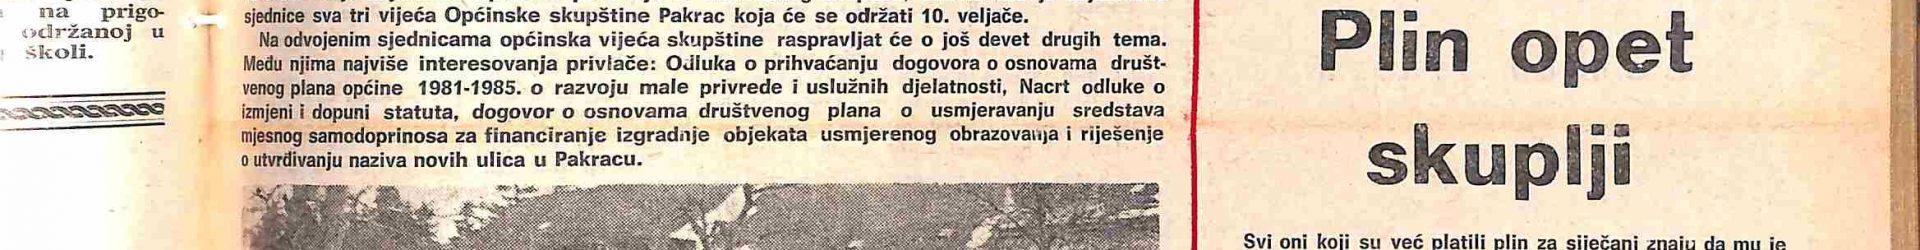 6 veljače 1981_Page_1